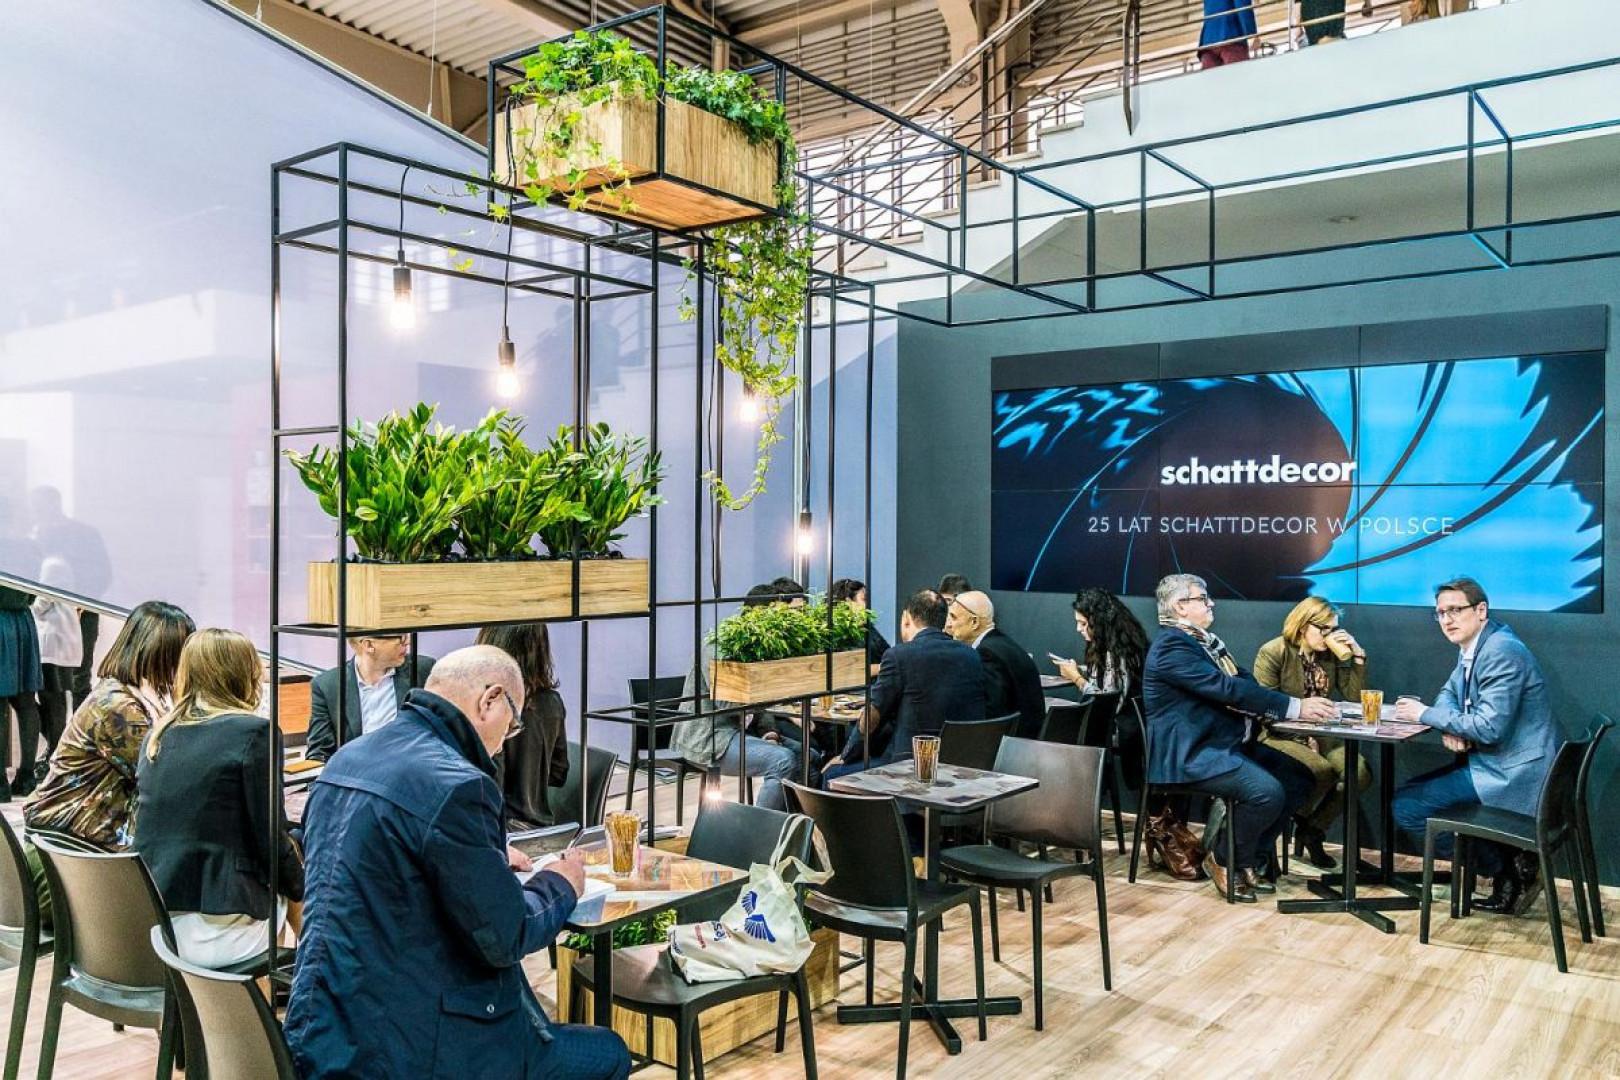 Podczas tegorocznych targów arena Design Schattdecor zaprezentował trendy i nowości w postaci kolekcji składającej się z wyselekcjonowanych hitów wzorniczych – Decor Selection. Fot. Tomasz Siuda/Schattdecor